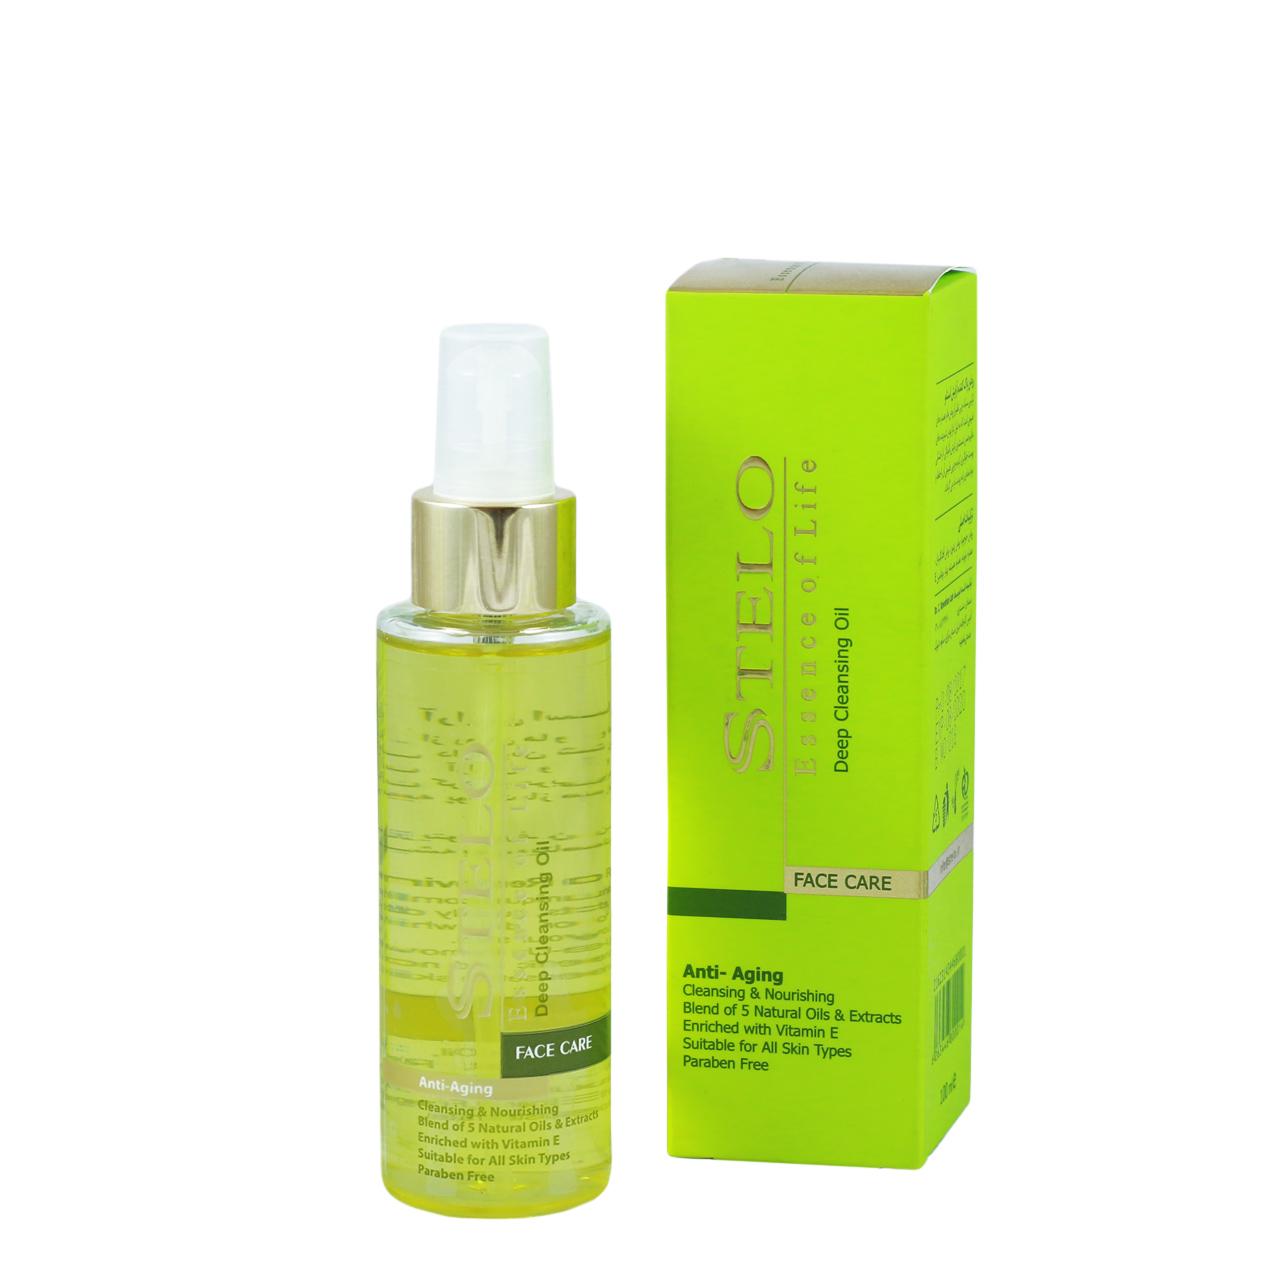 قیمت روغن پاک کننده آرایش استلو مدل Anti-Aging حجم 100 میلی لیتر